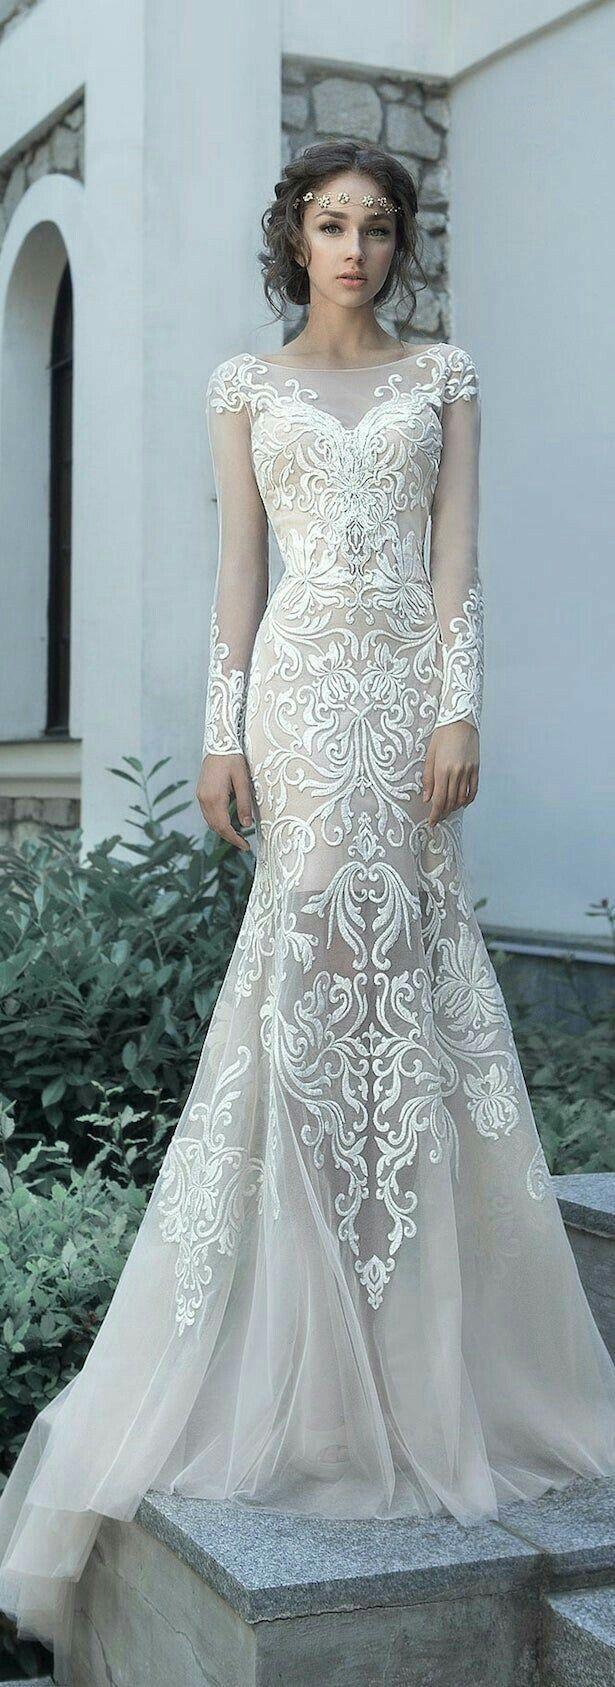 Perfect Vestidos Novia Gitana Sketch - Womens Dresses & Gowns ...